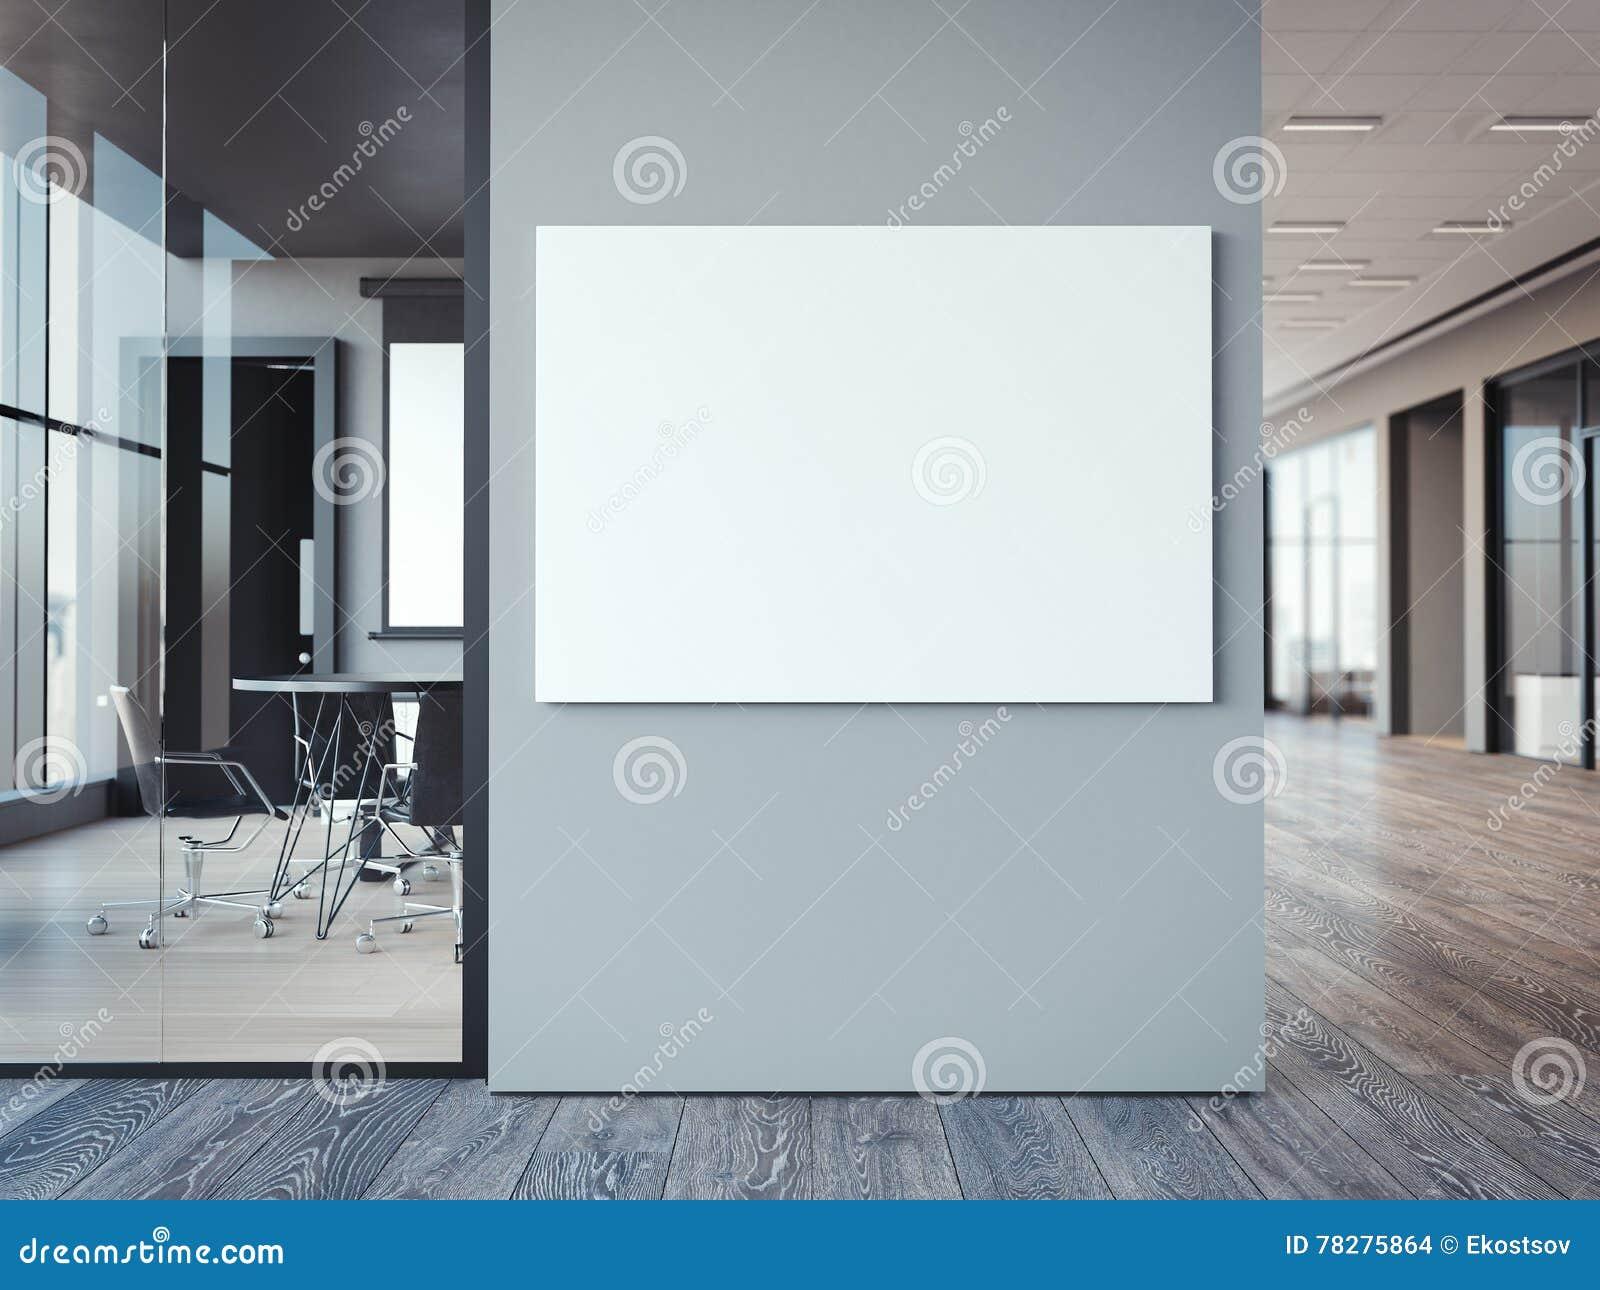 Pareti In Tela : Interno vuoto della stanza con tela bianca sulla parete nera a